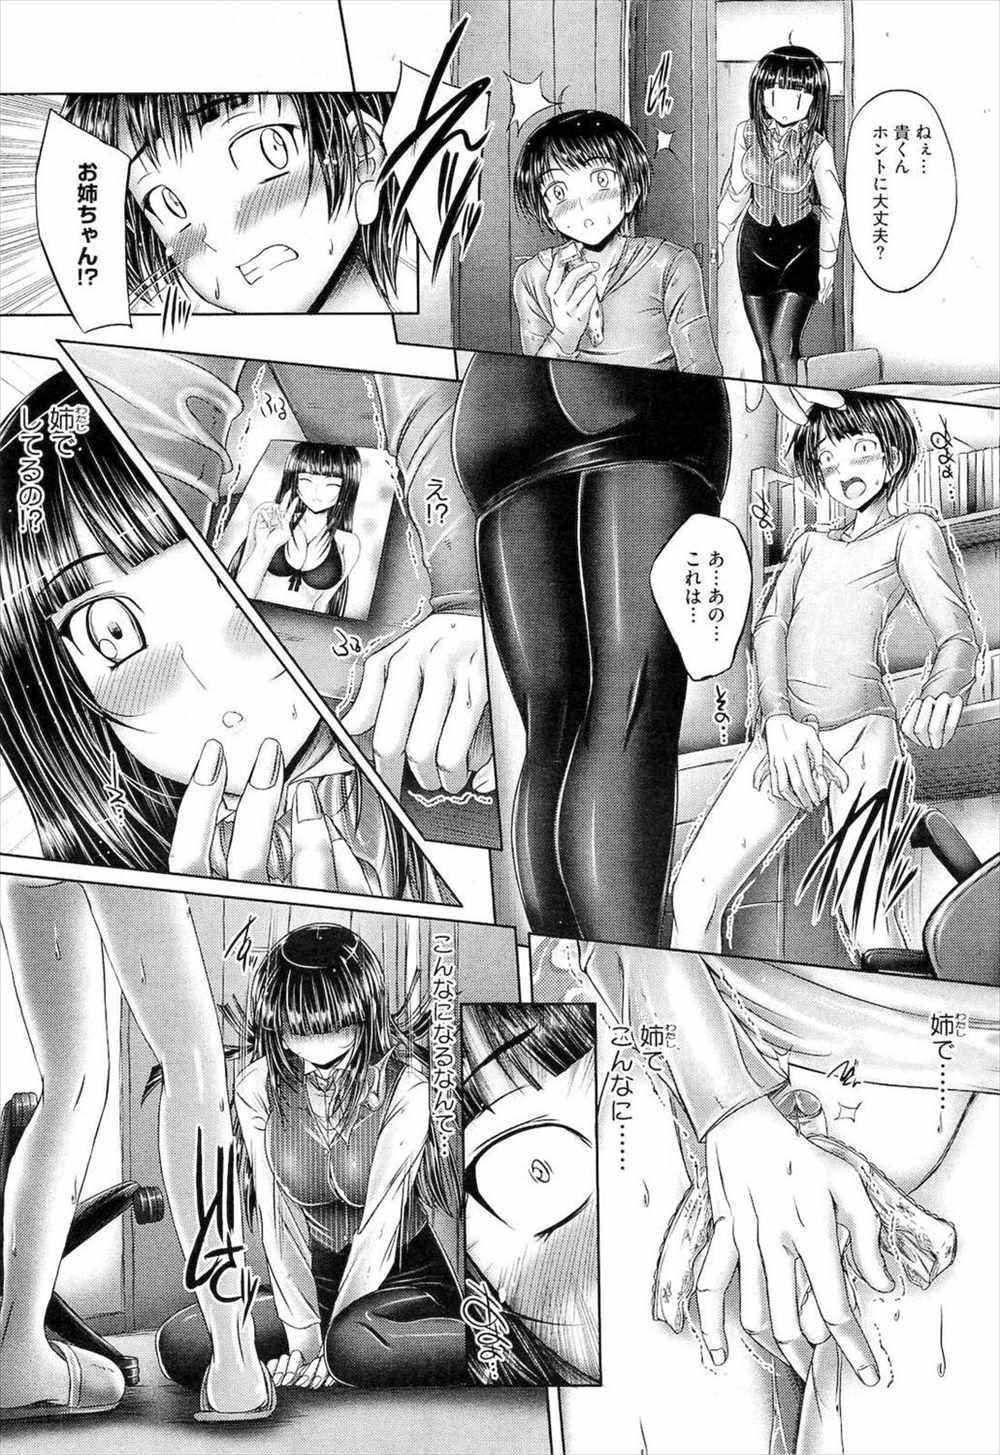 【エロ漫画】姉でオナニーしていた弟…姉に見つかり逆レイプ調教近親相姦しちゃうww【音音:姉のもの弟のもの。】